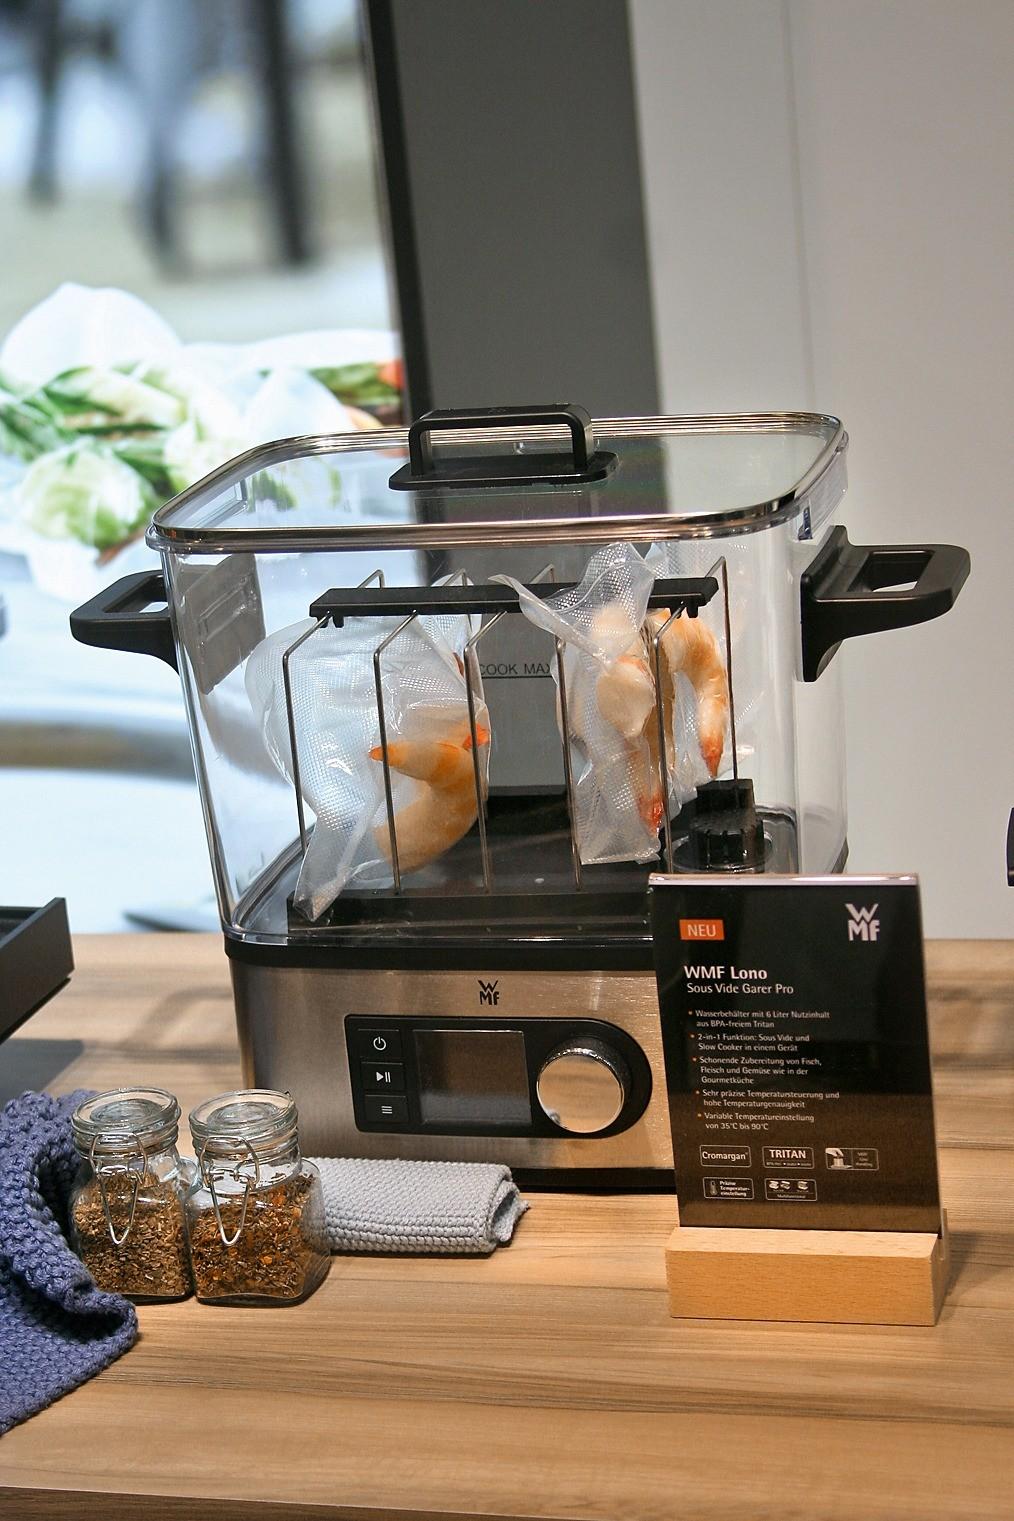 Компактное устройство для приготовления пищи по технологии Sous Vide (WMF)